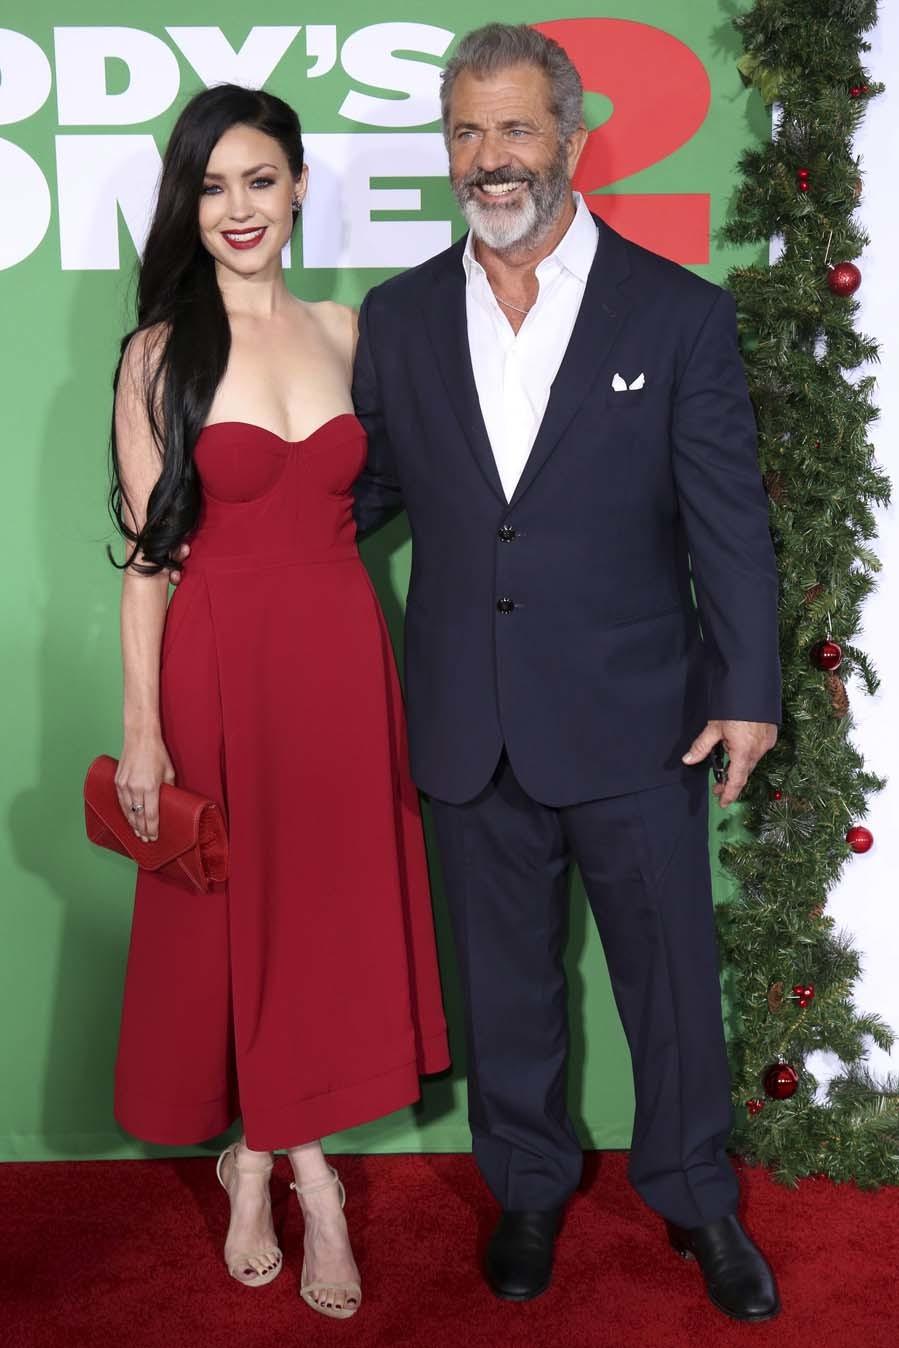 Mel Gibson y Rosalind Ross  en la premiere de Daddys Home 2 en Los...